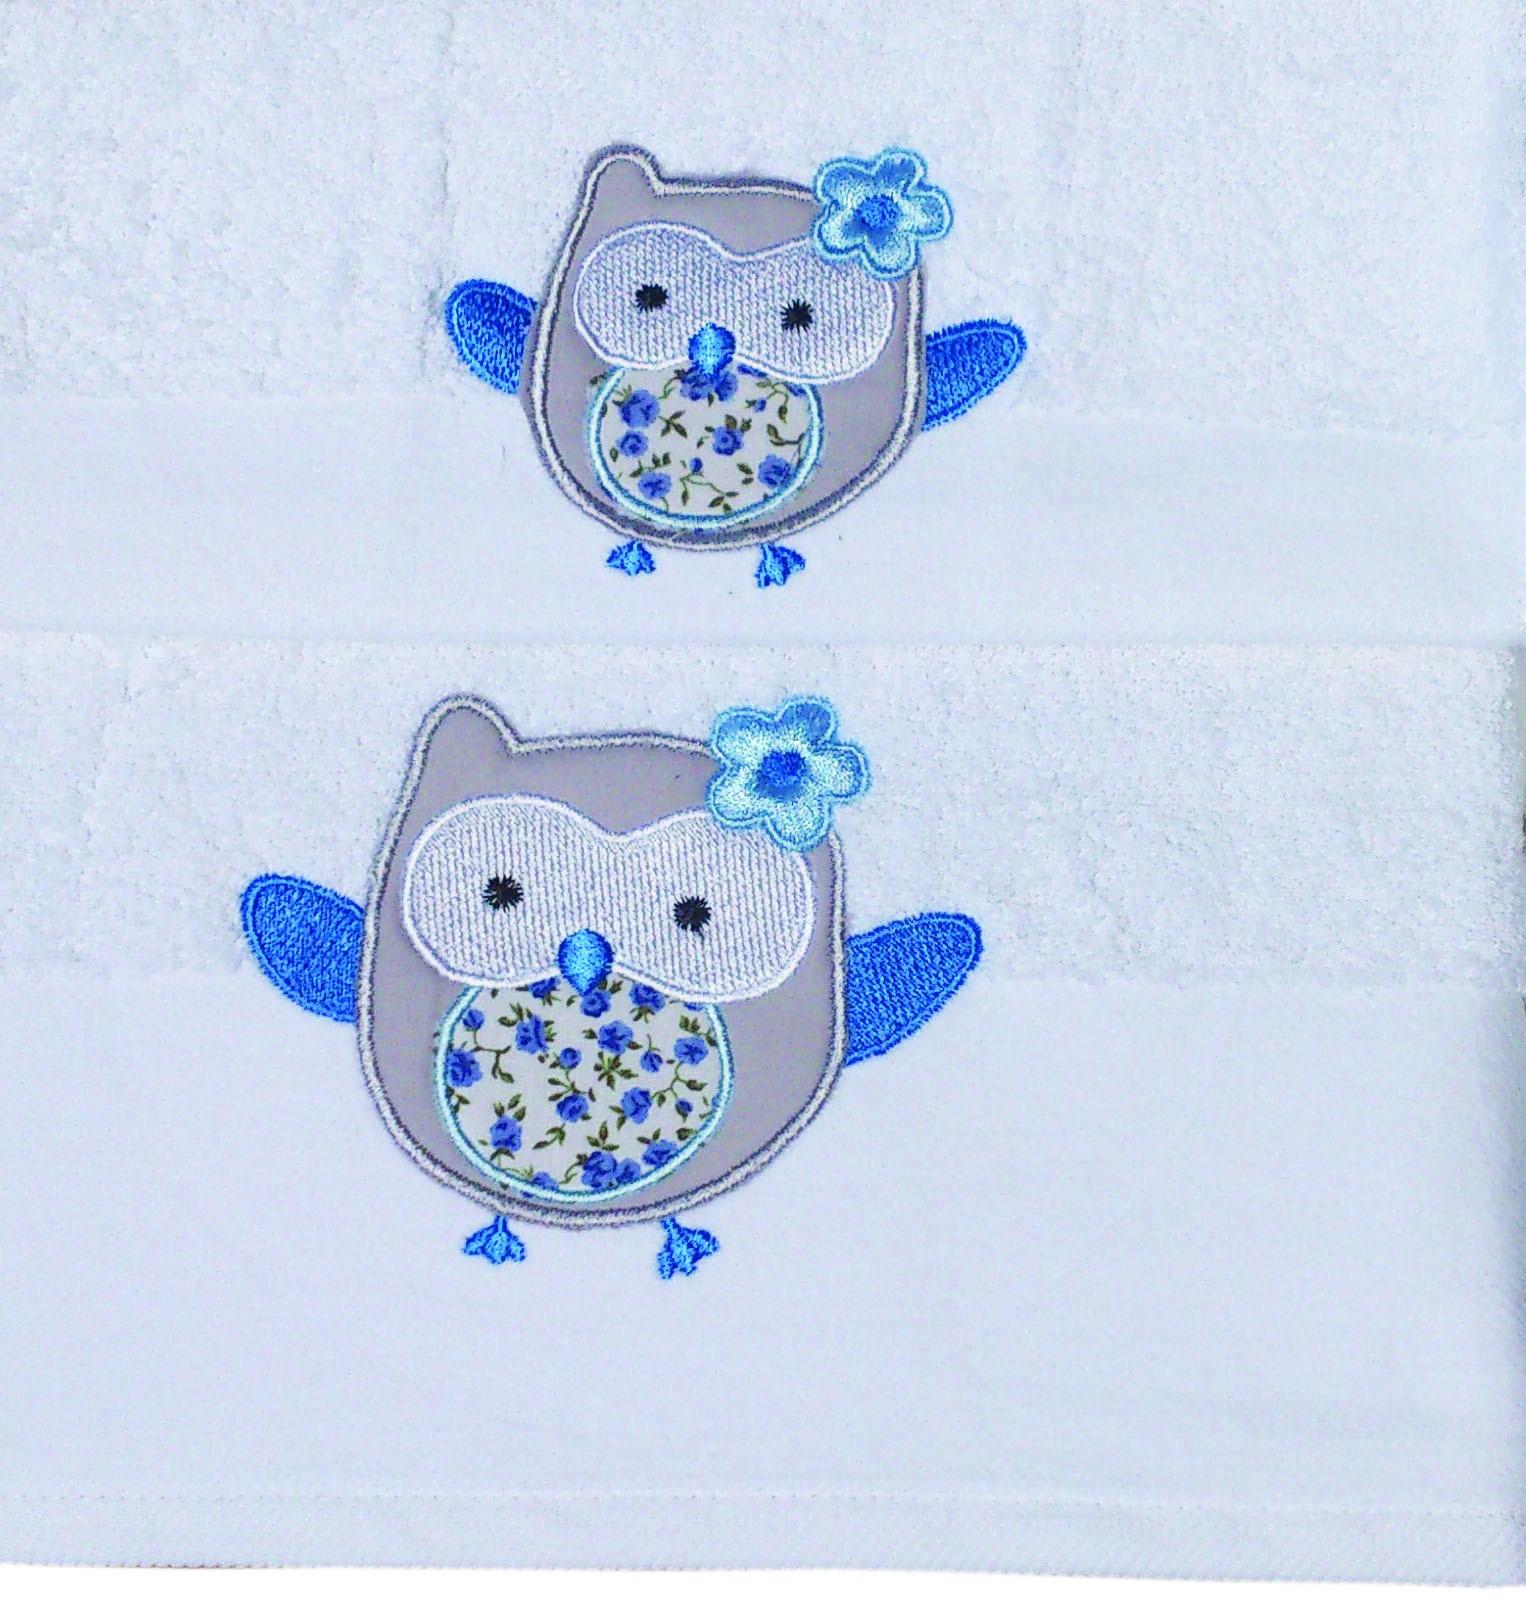 Βρεφικές Πετσέτες (Σετ 2τμχ) Morven Owl Blue